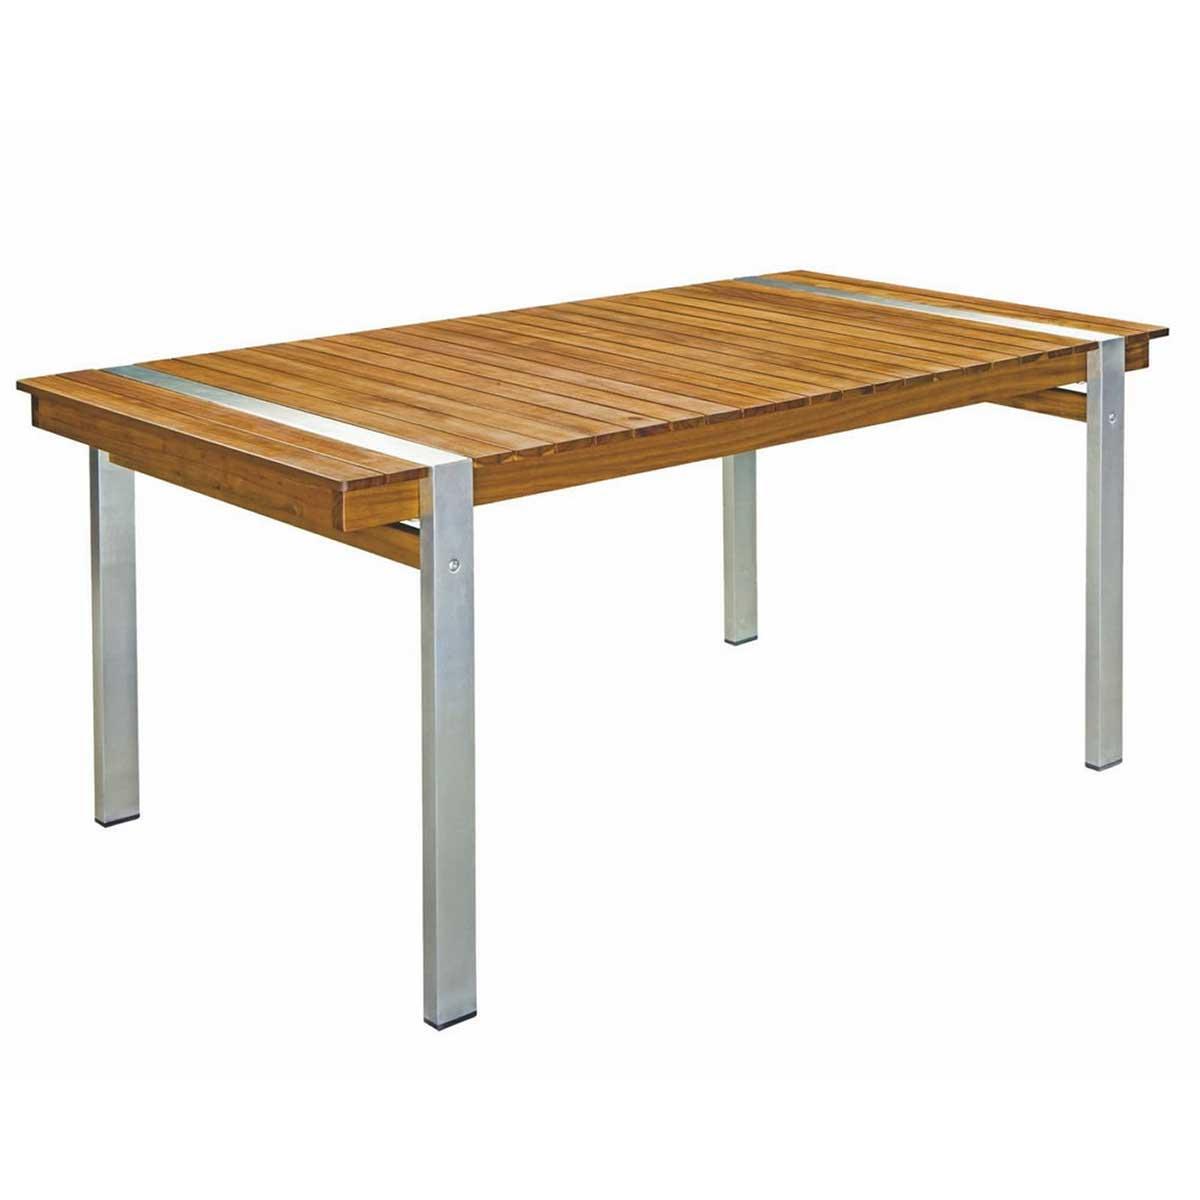 Table rectangulaire en bois et acier - Naturel - 220.00 cm x 100.00 cm x 73.50 cm